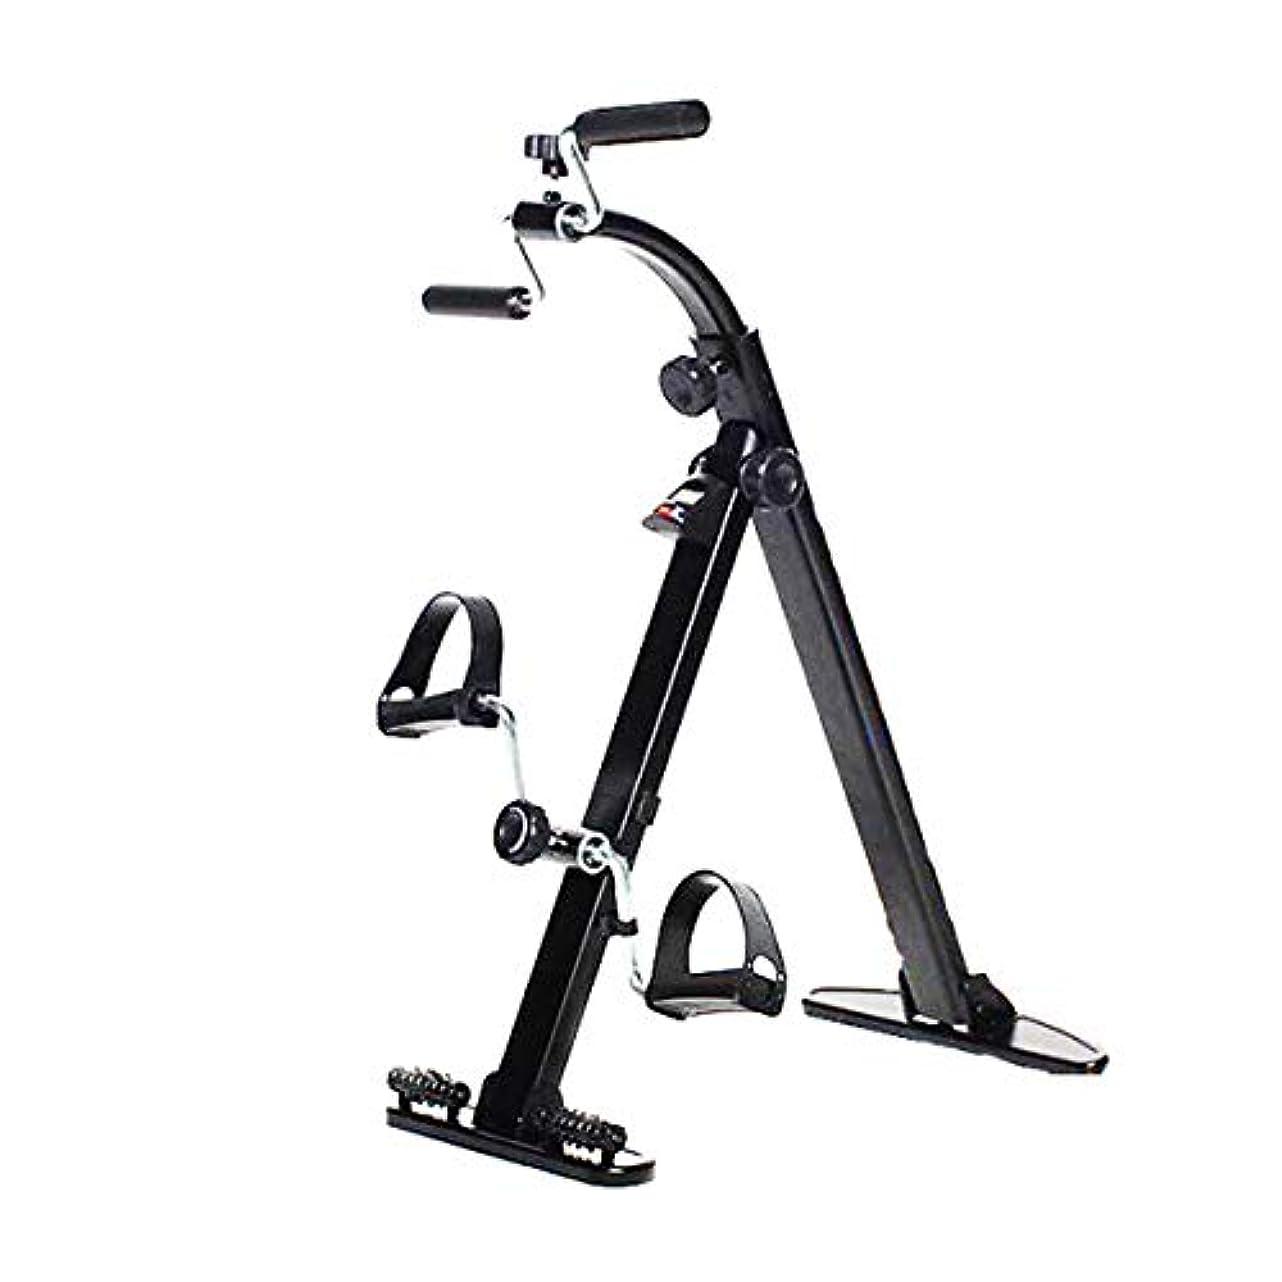 ジャンク自発証人ペダルエクササイザー、医療リハビリテーション体操上肢および下肢のトレーニング機器、筋萎縮リハビリテーション訓練を防ぐ,A